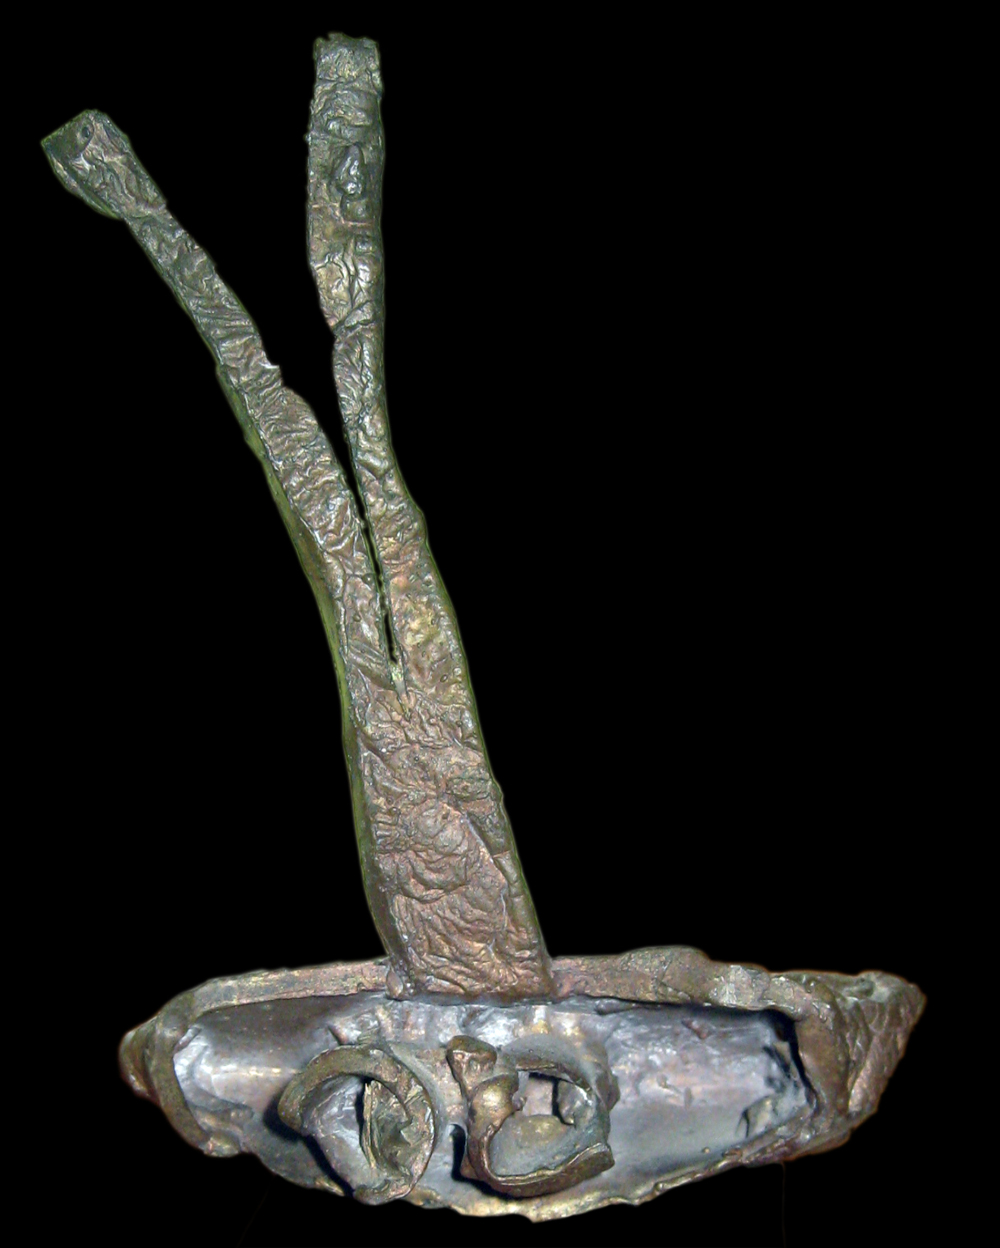 Bronze sculpture 2@M&AsCabin_NoBase_Cropd&Flat_600ppi.jpg